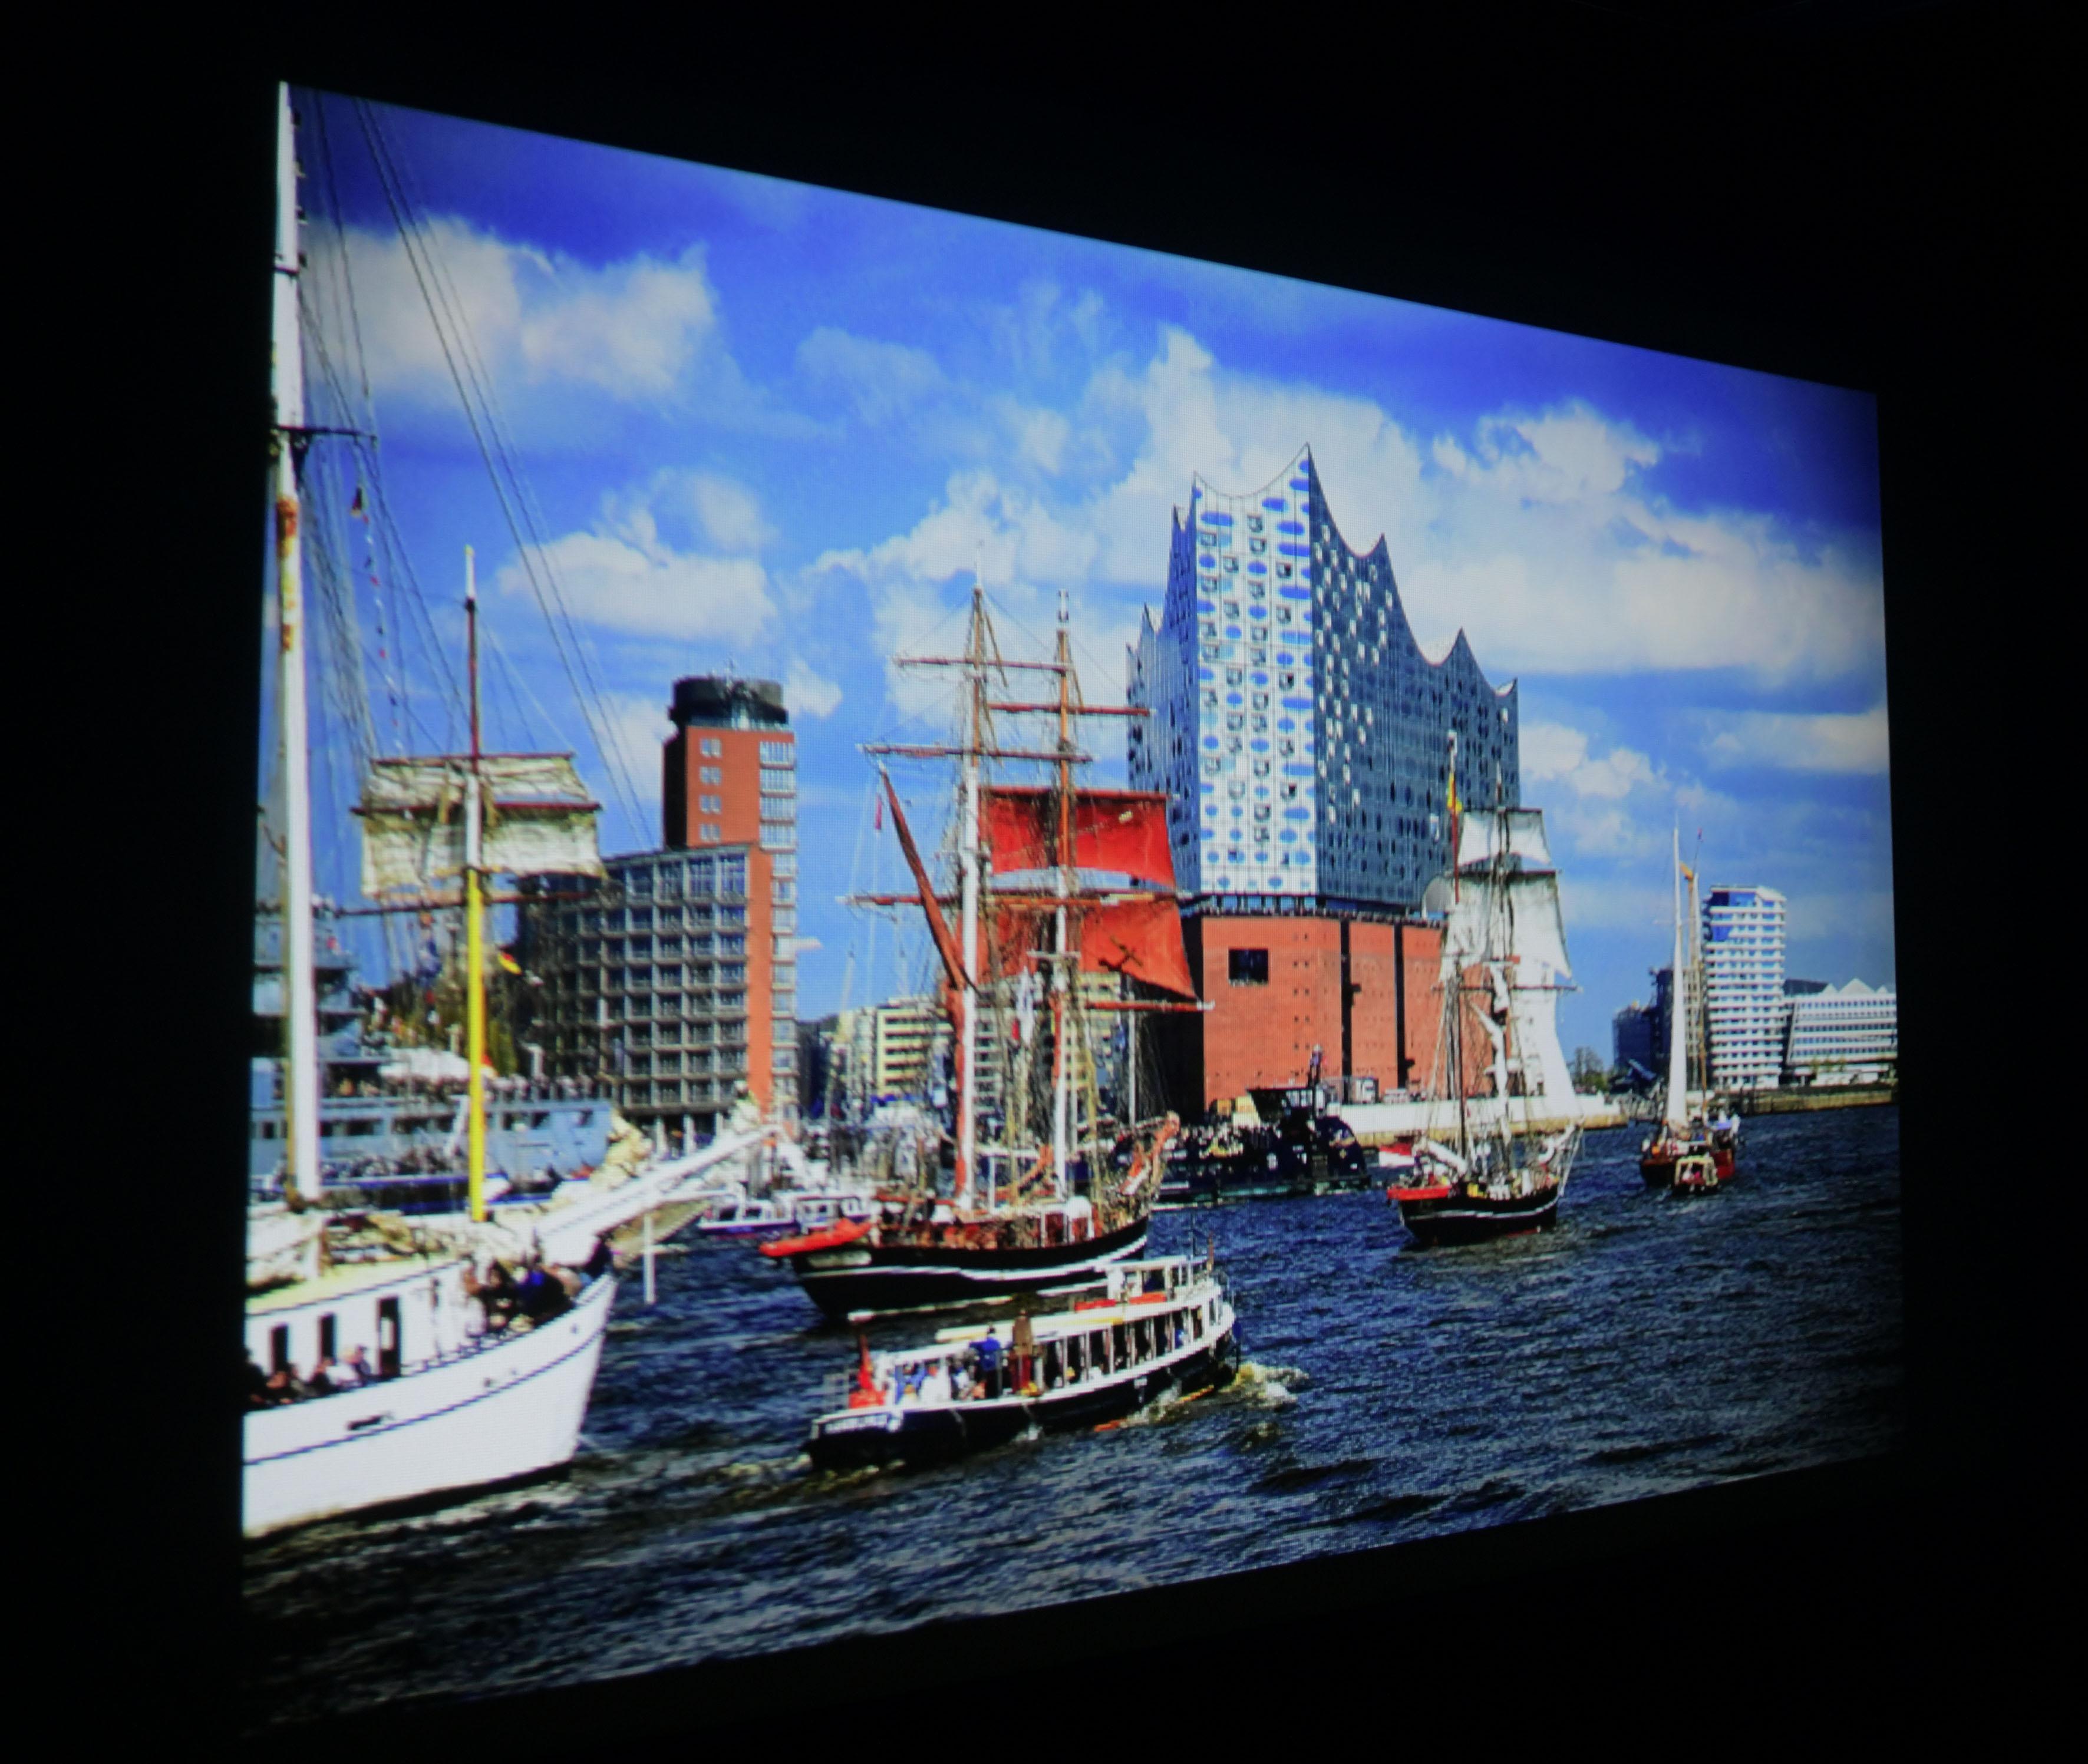 Foto: Michael B. Rehders Auf 135 cm Bildbreite in meinem Heimkino – also ganz ohne Umgebungslicht – sieht der Hamburger Hafen prachtvoll aus. Auch wenn der Himmel ob der etwas höheren Farbtemperatur minimal blauer erscheint als gewohnt, sehen die Farben bestechend realistisch aus.